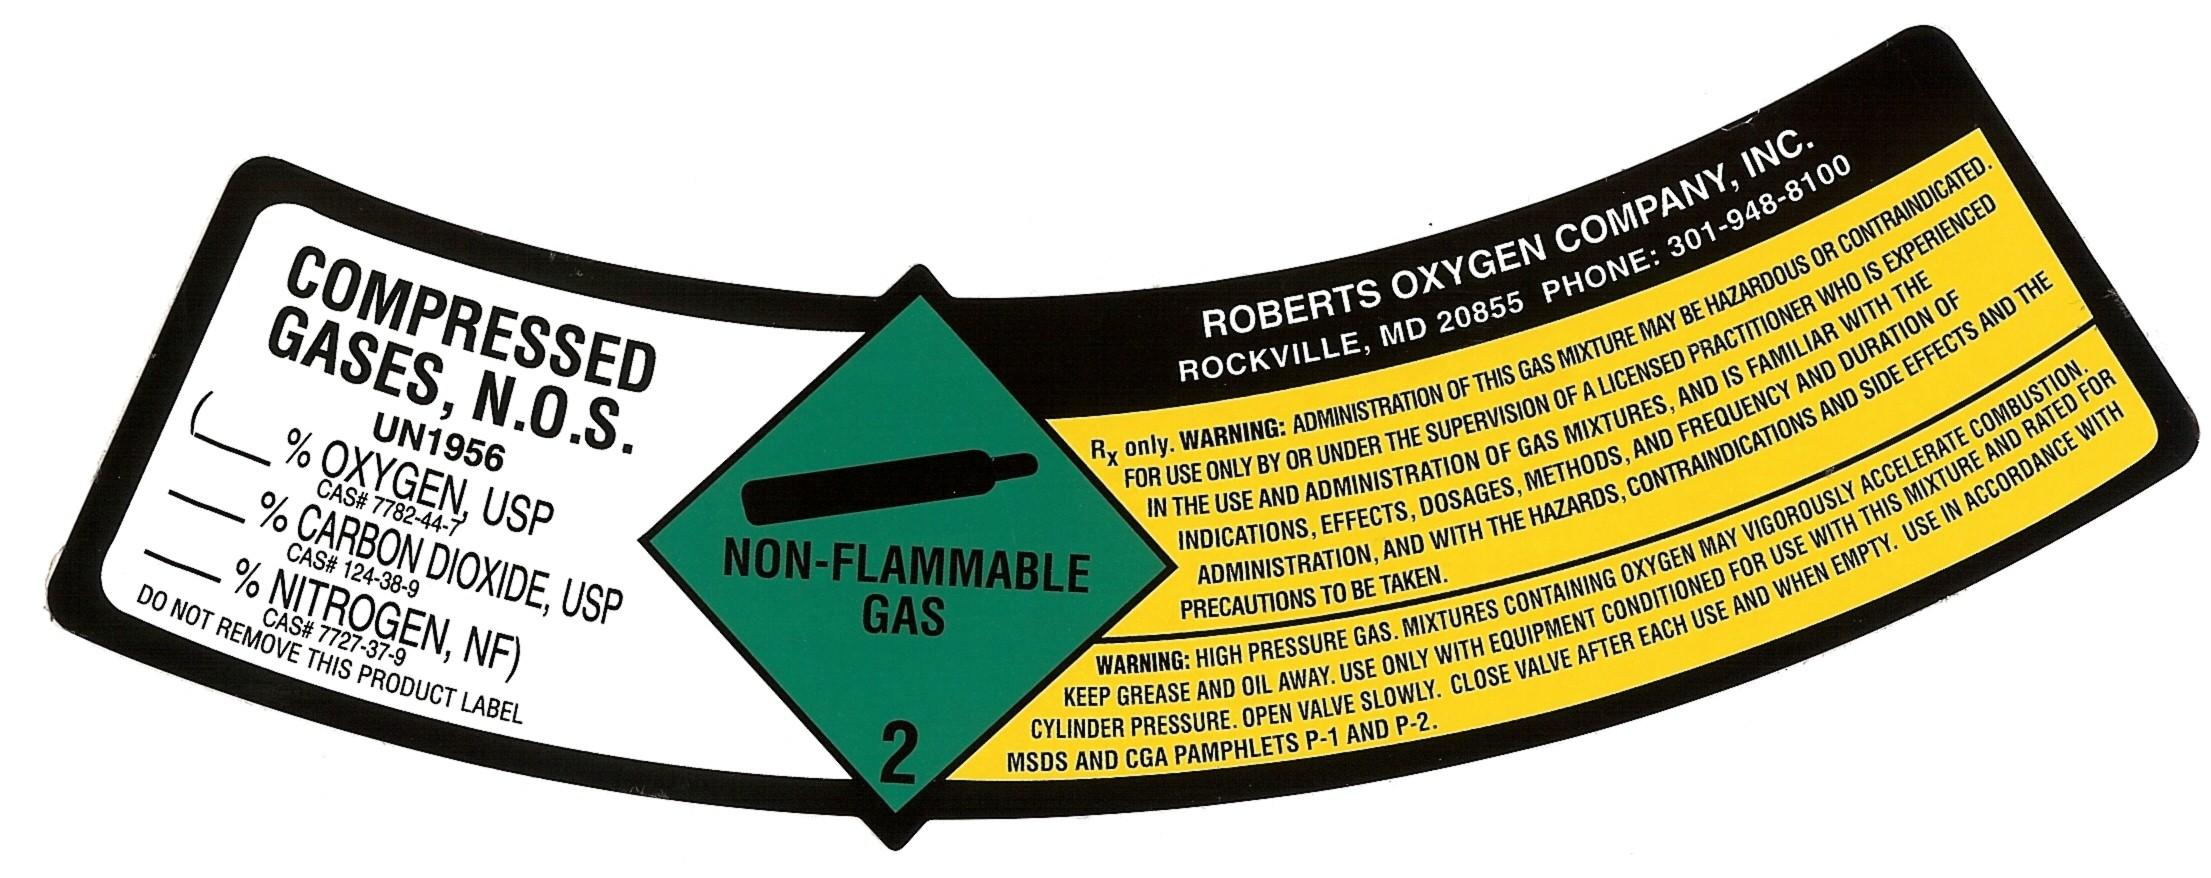 image of cylinder label